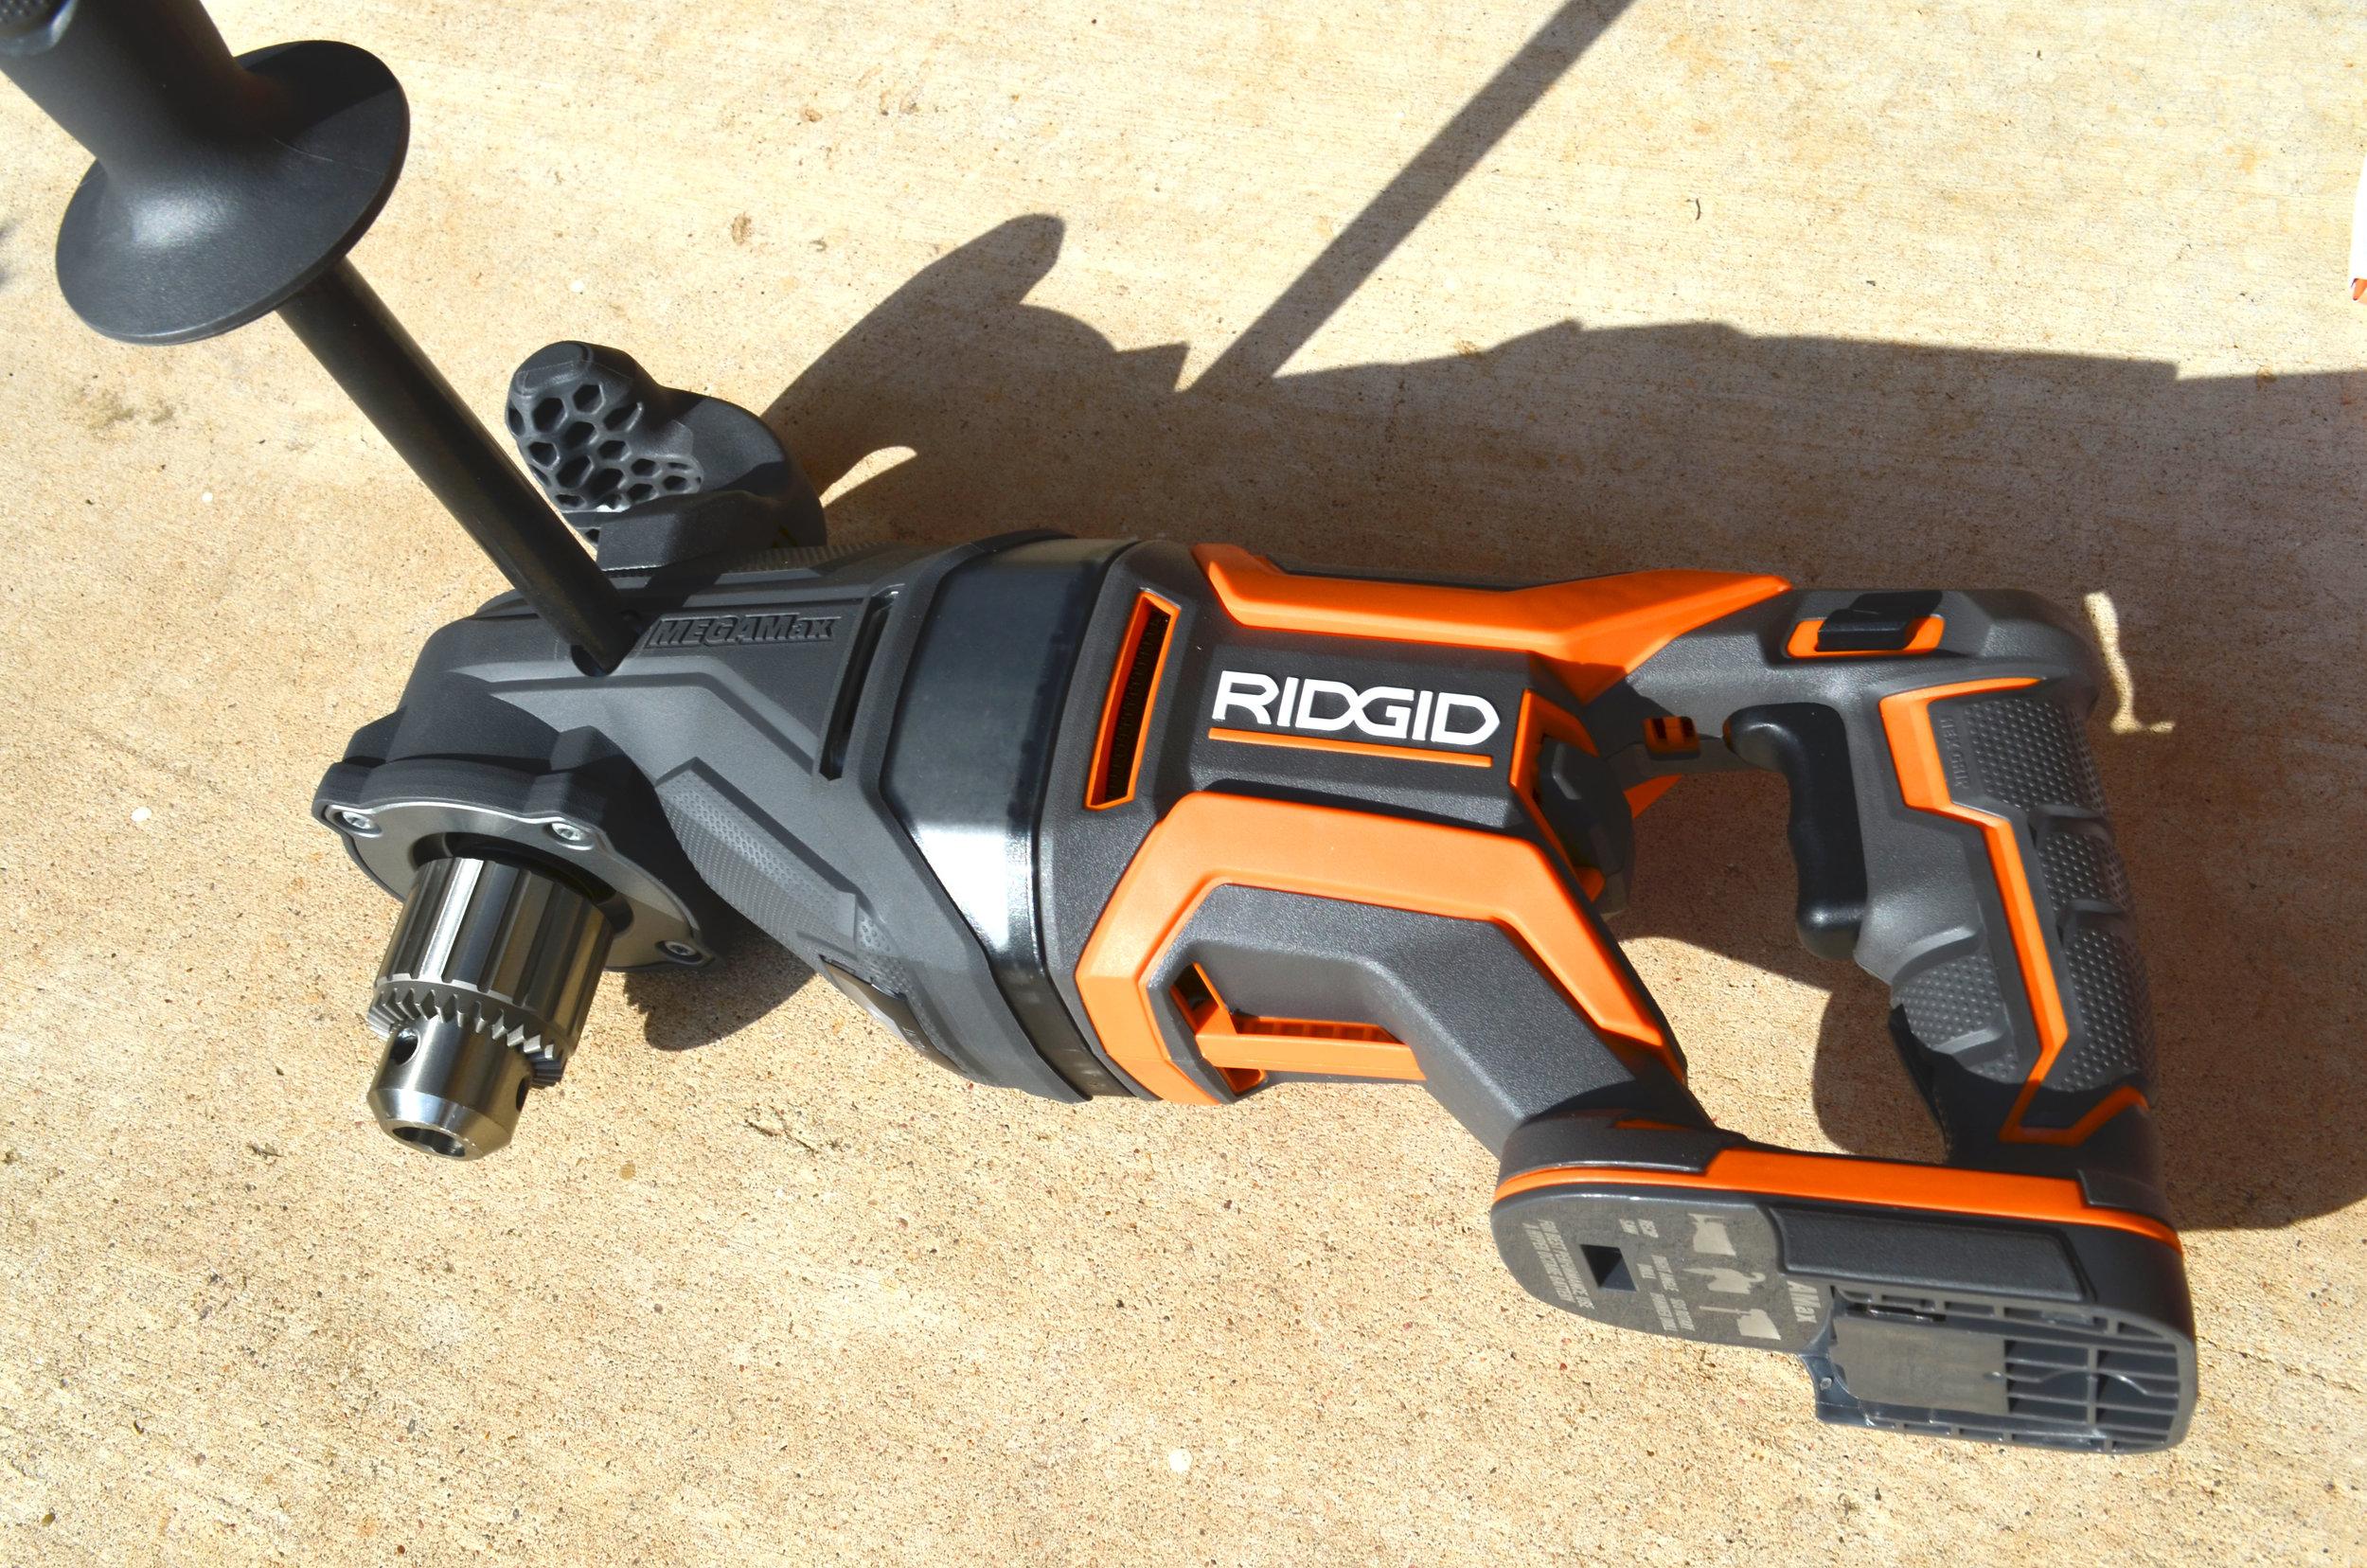 ridgid-megamax-right-angle-drill-assembled.jpg